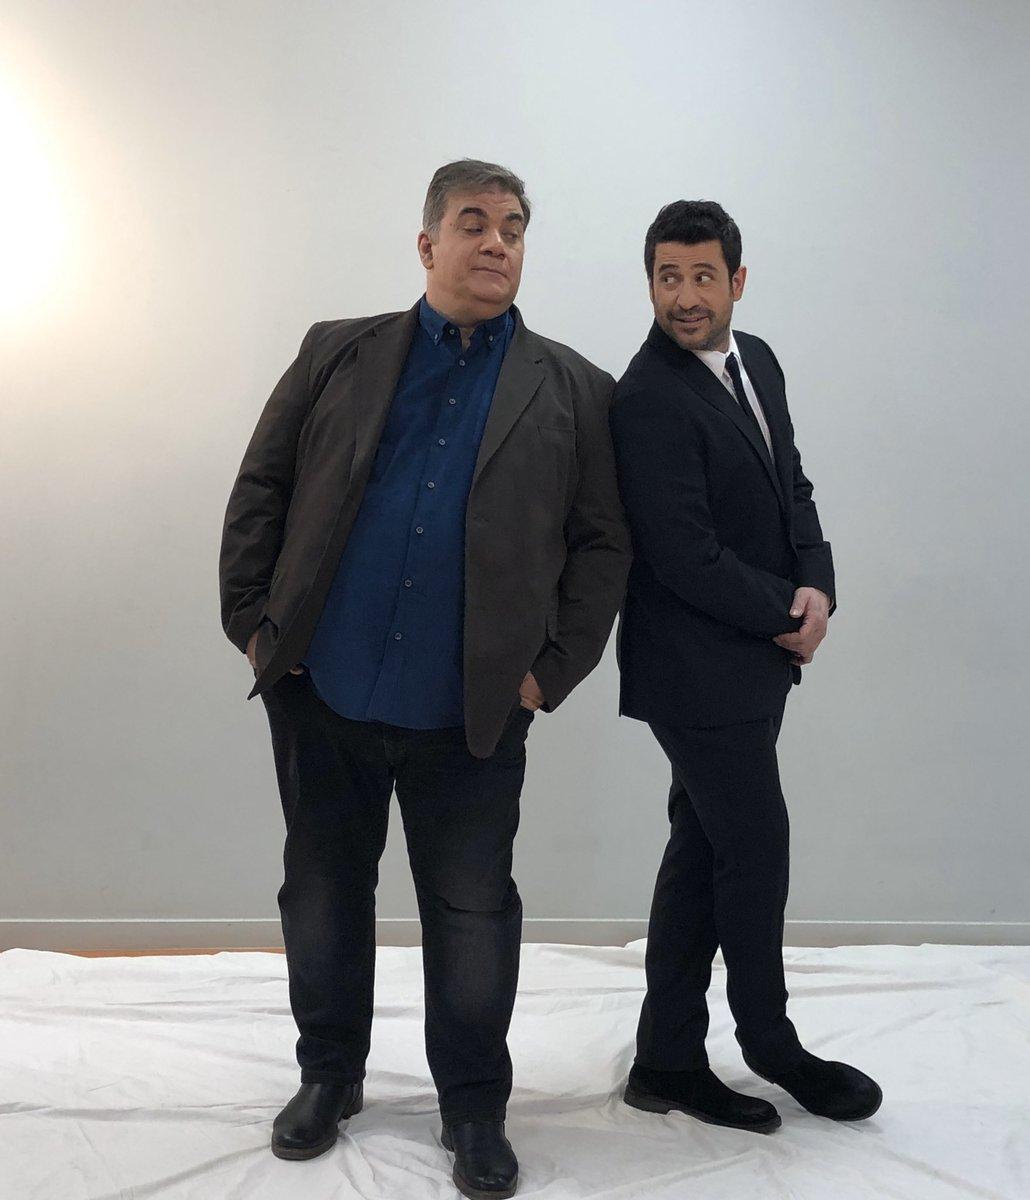 Alexis Georgoulis Georgoulisalexi Twitter Spiros halikiopoulos played by alexis georgoulis. alexis georgoulis georgoulisalexi